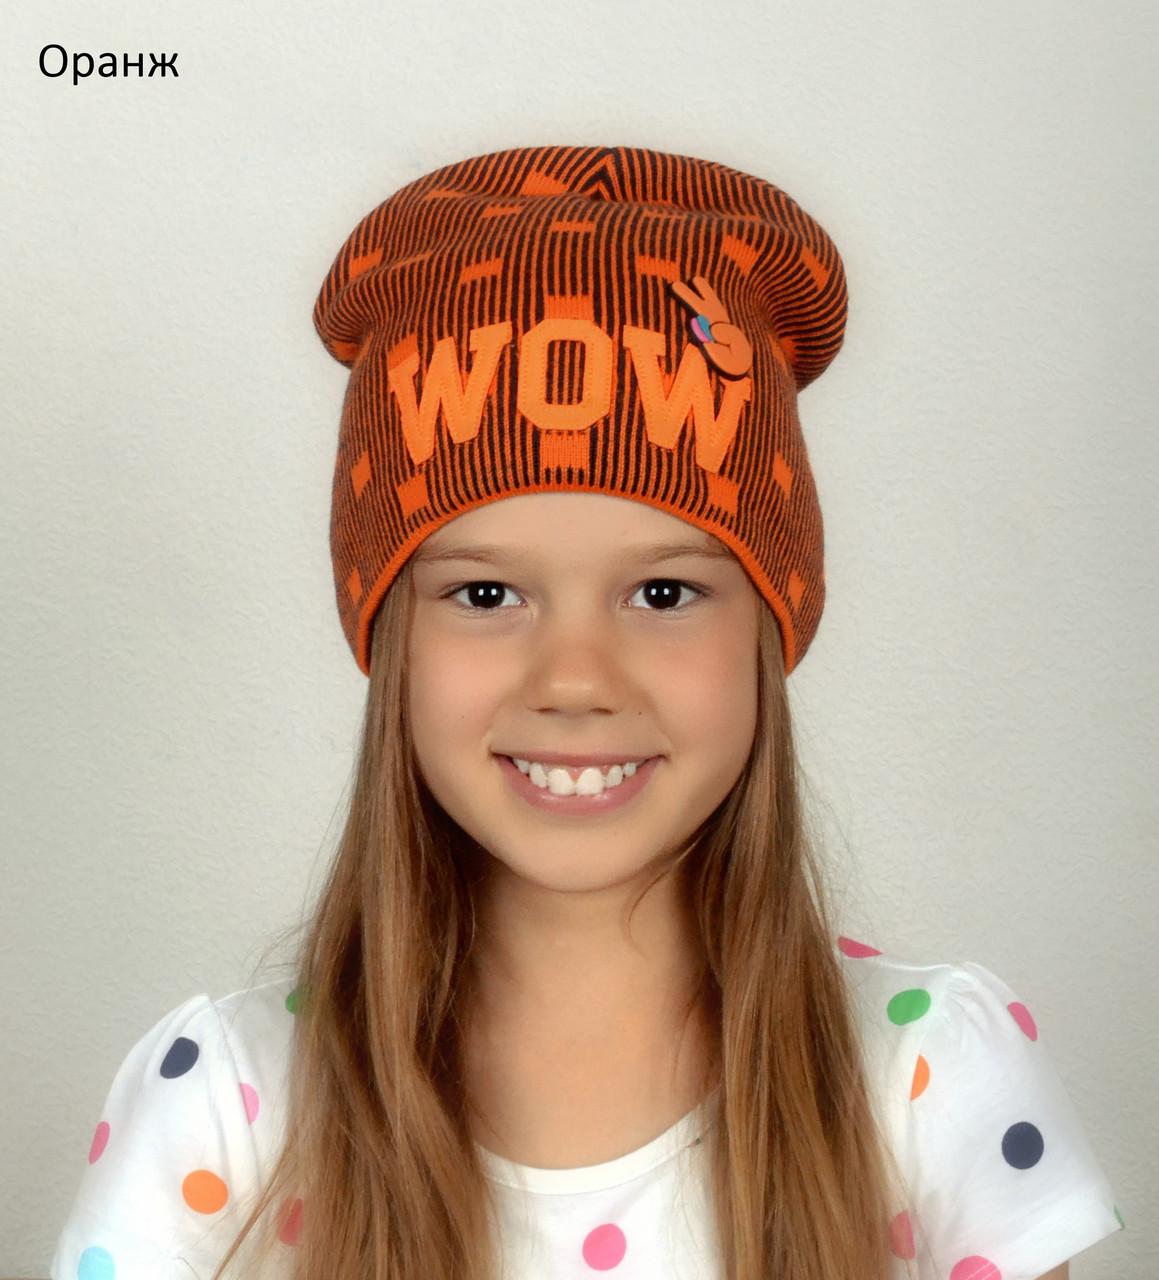 №109 ✌ WOW ✌ Двойная шапка осень/зима, внутри х/б. 4-12 лет (р.52-56) В наличии в оранжевом цвете